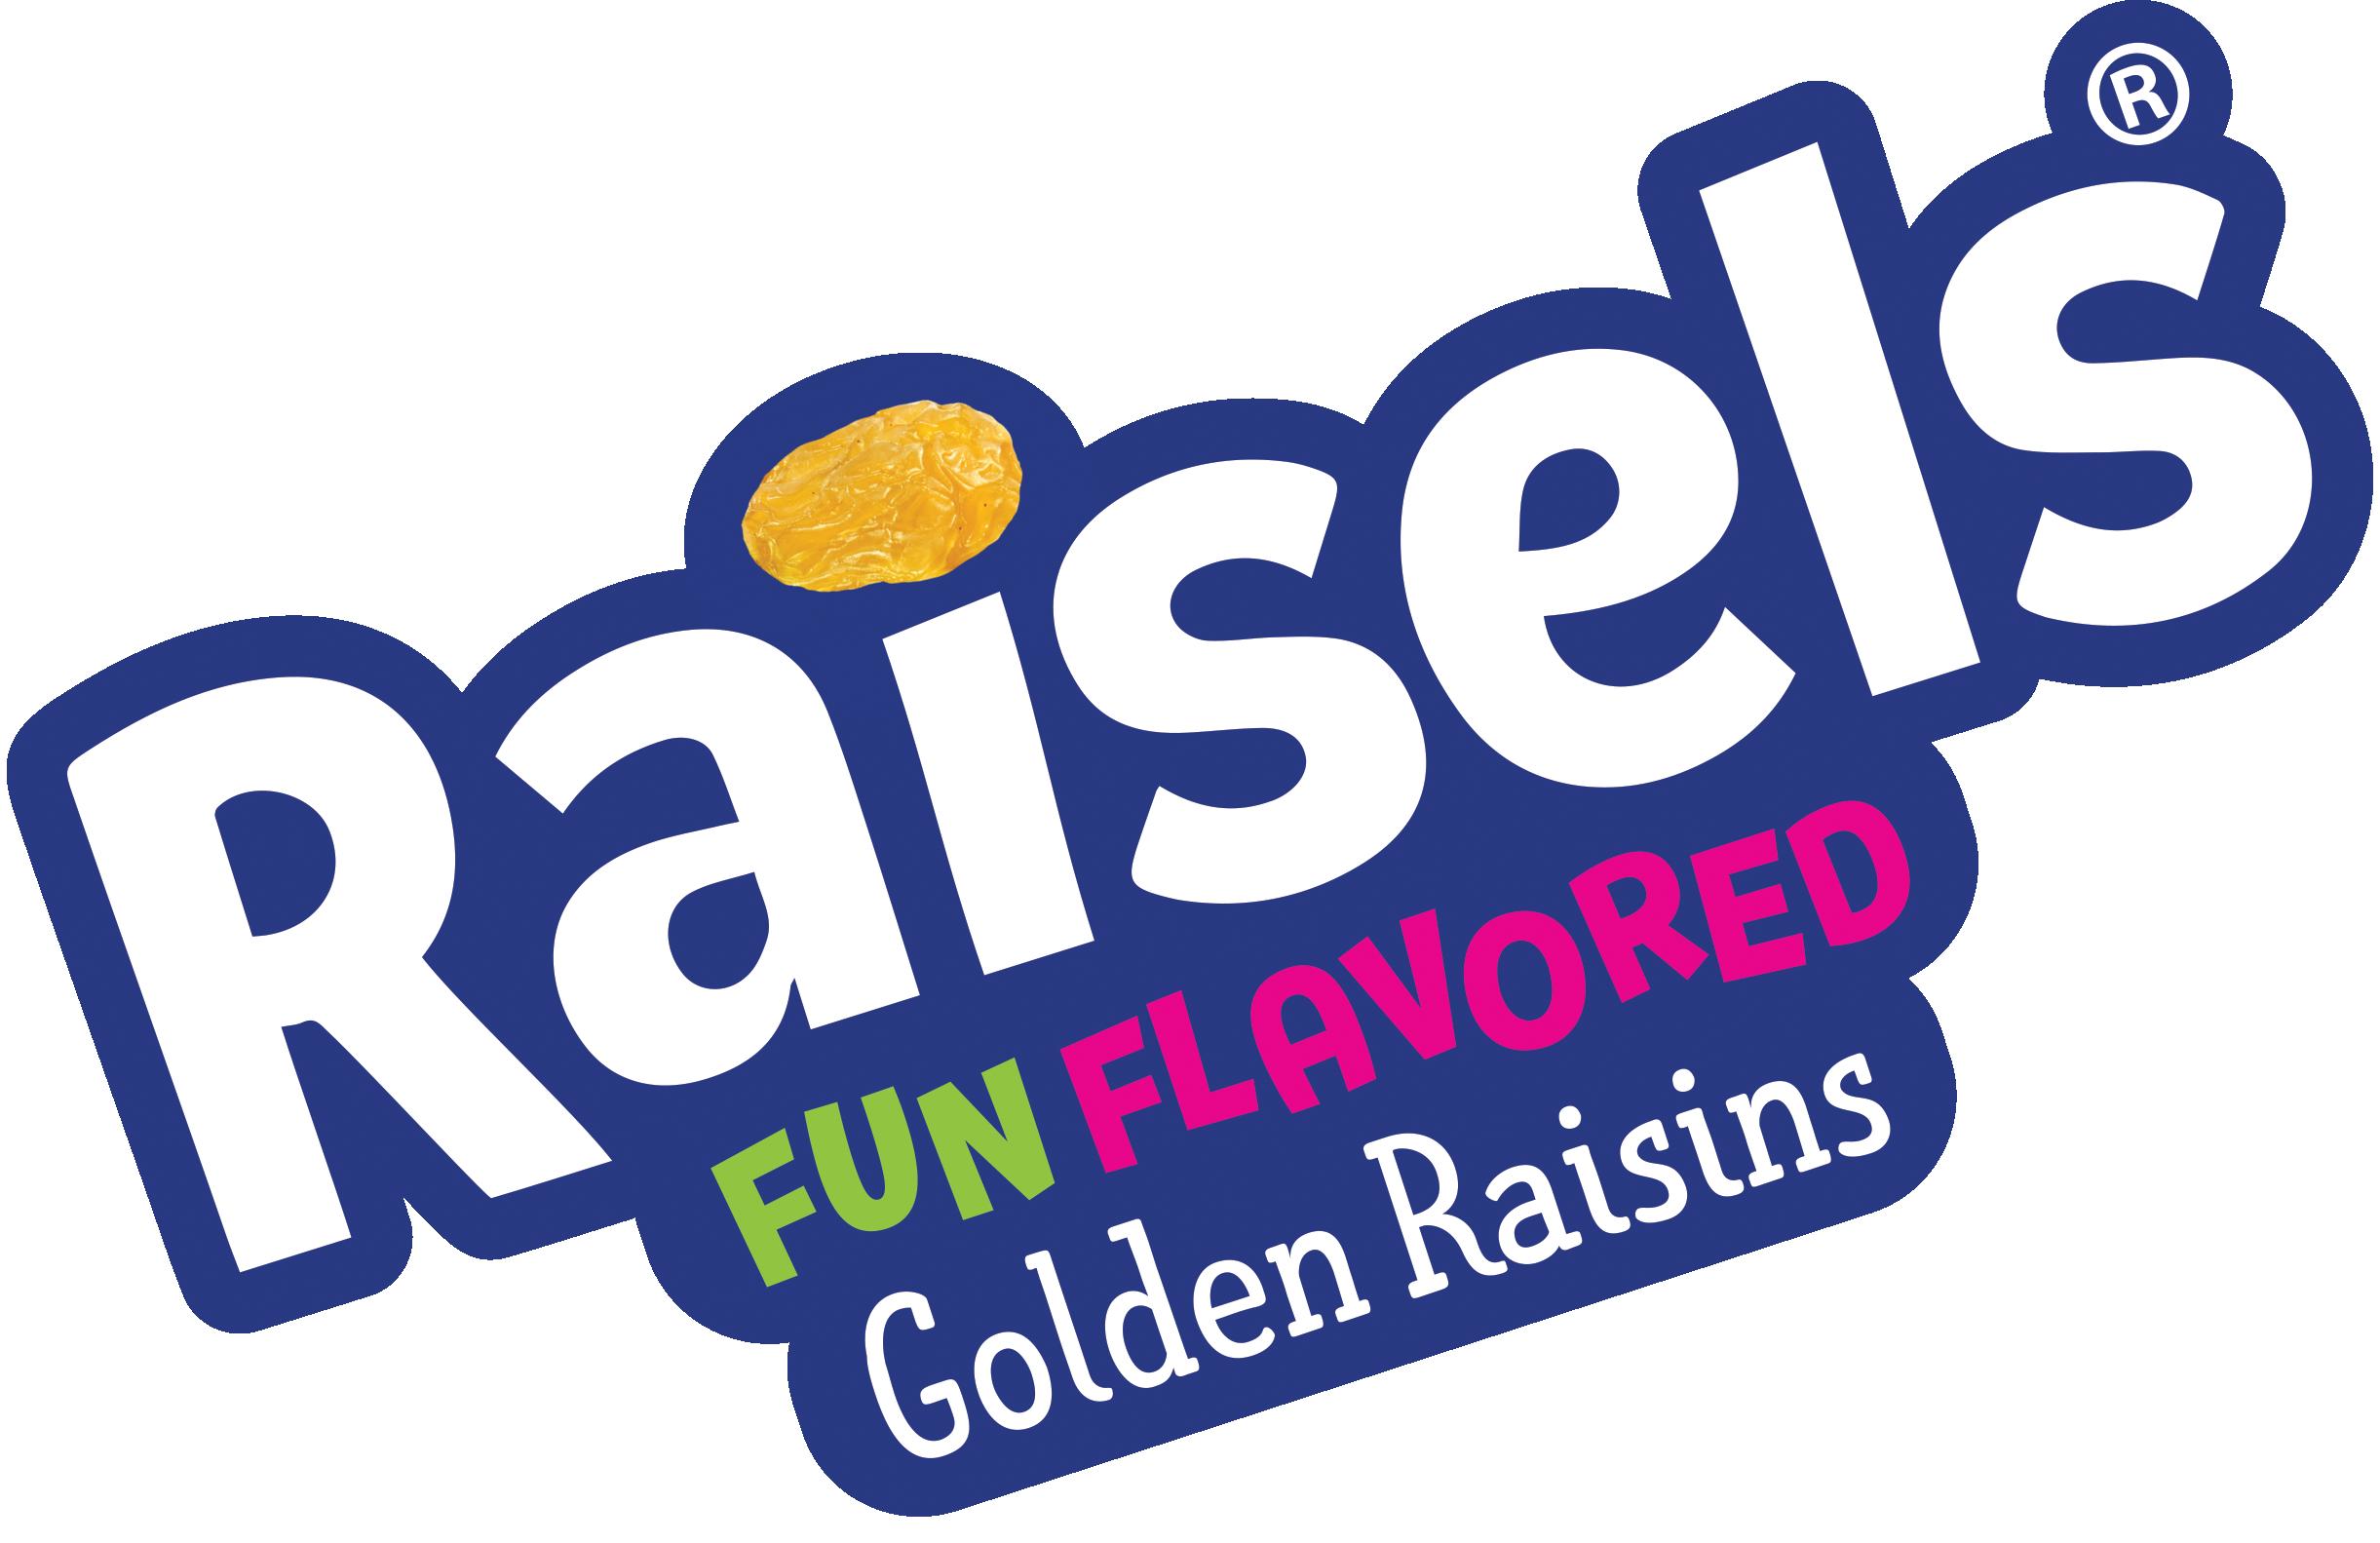 Retail National Raisin Company